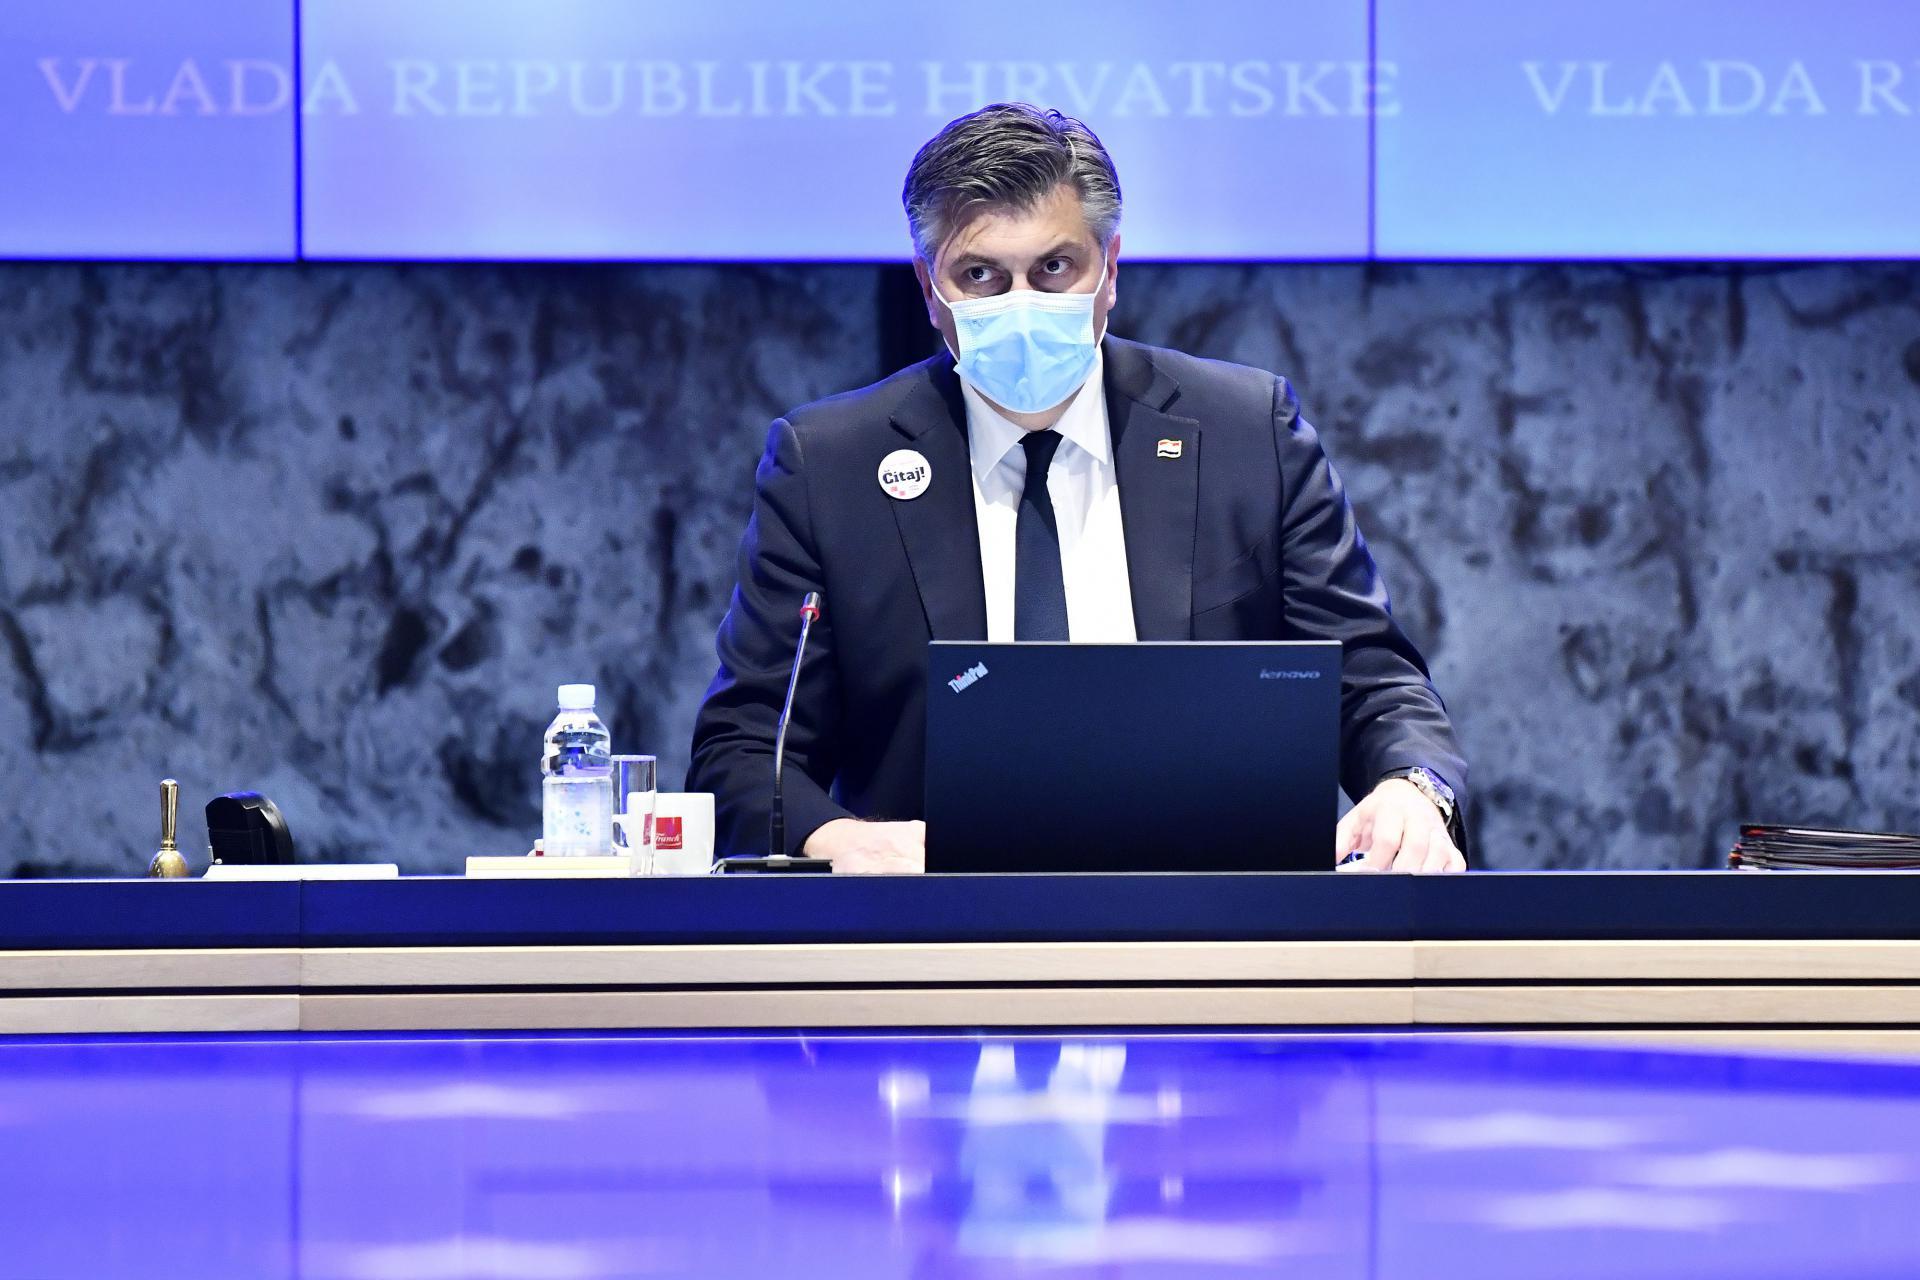 Uskoro obraćanje premijera Plenkovića na sjednici Vlade: govorit će se o najnovijim informacijama vezanim za koronavirus, ovo su teme